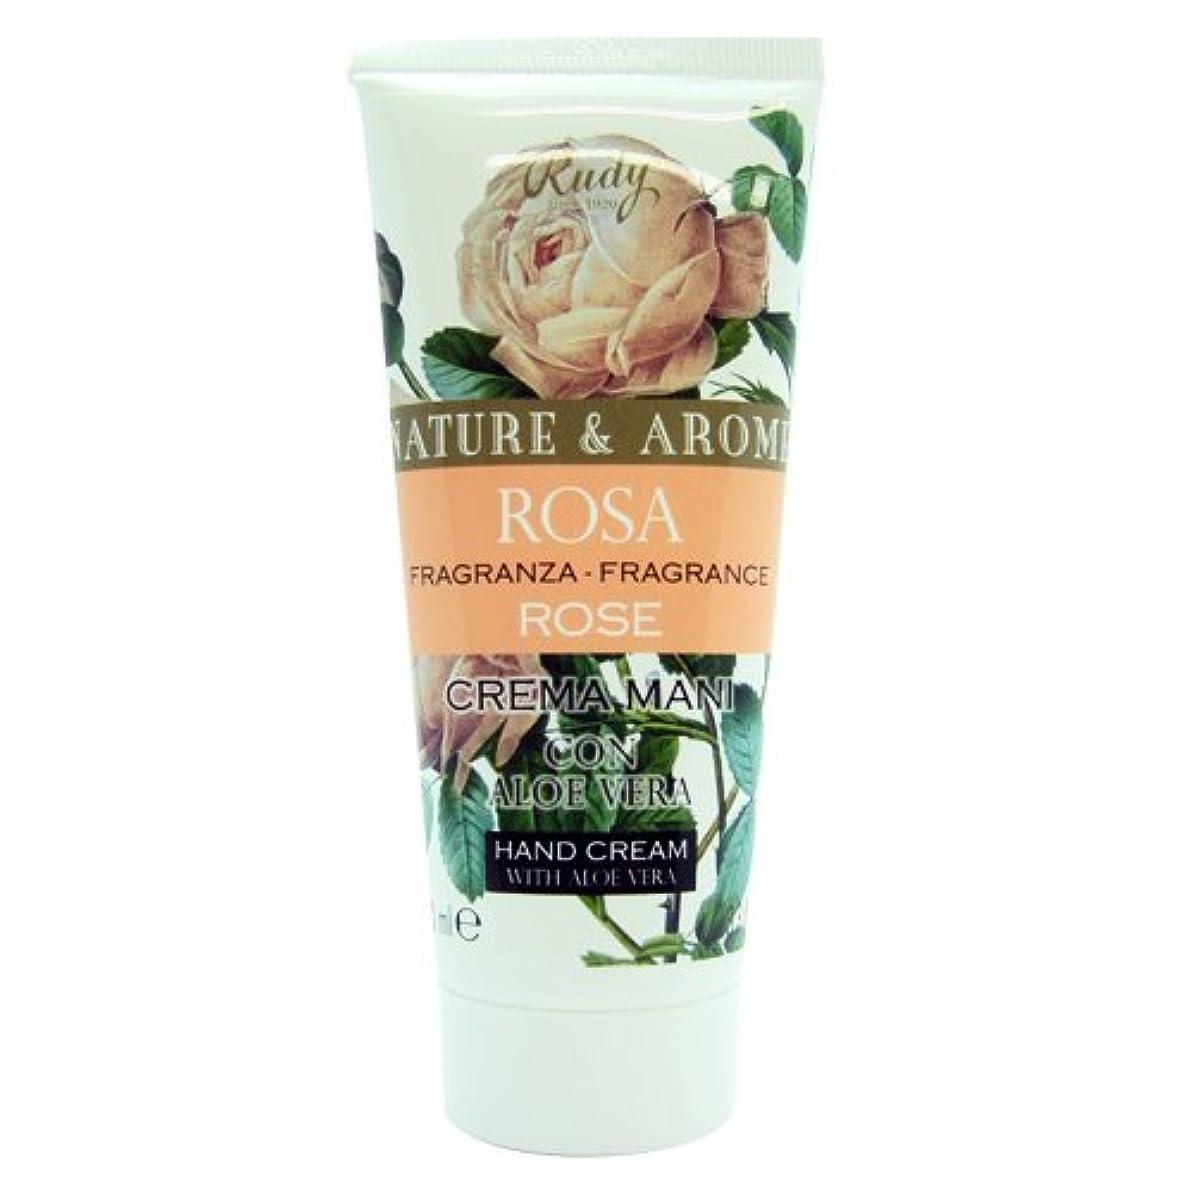 ゴールドプラカード明確にRUDY Nature&Arome SERIES ルディ ナチュール&アロマ Hand Cream ハンドクリーム Rose ローズ